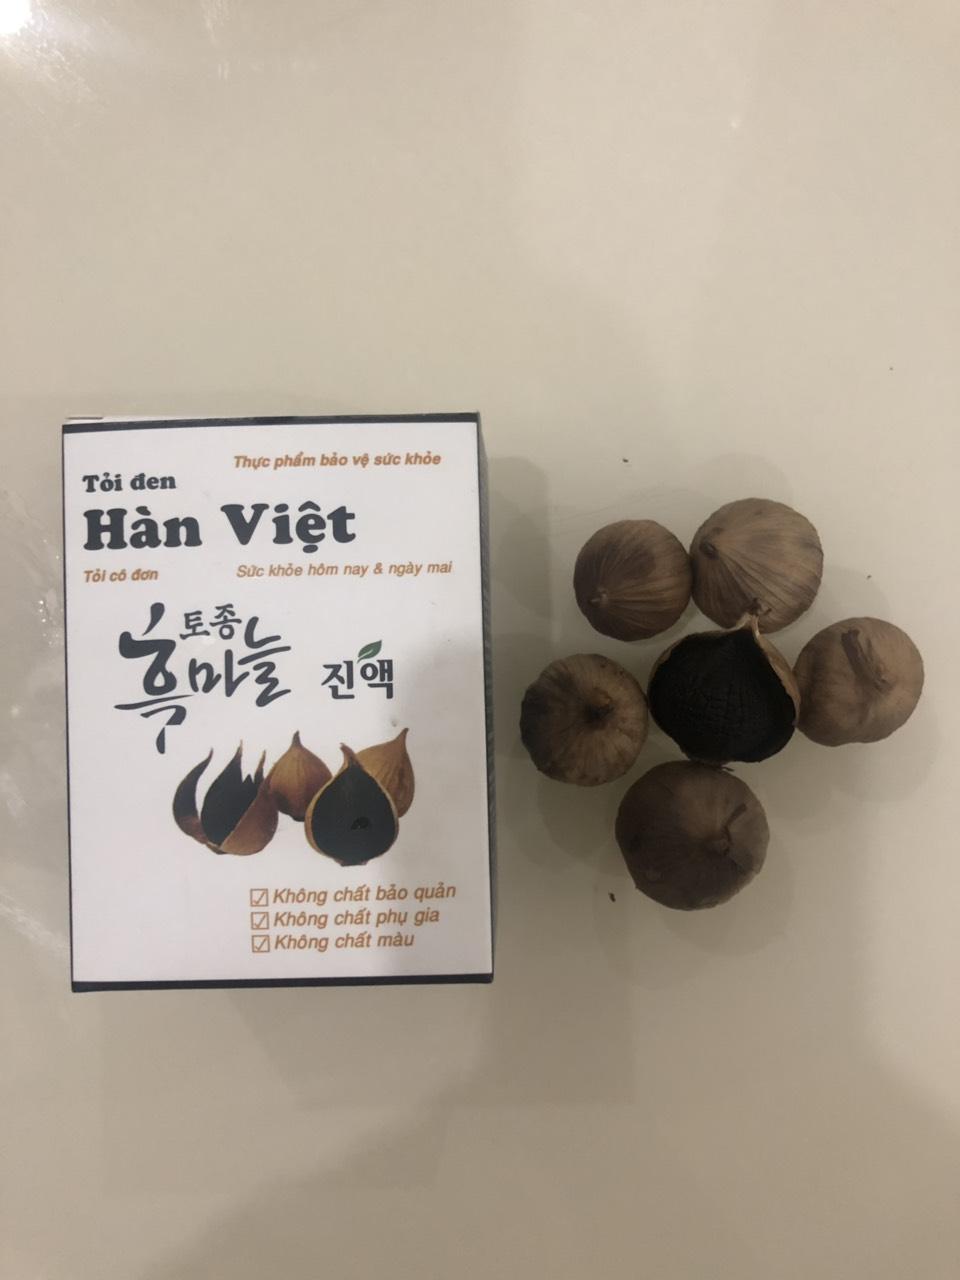 Tỏi đen Hàn Việt